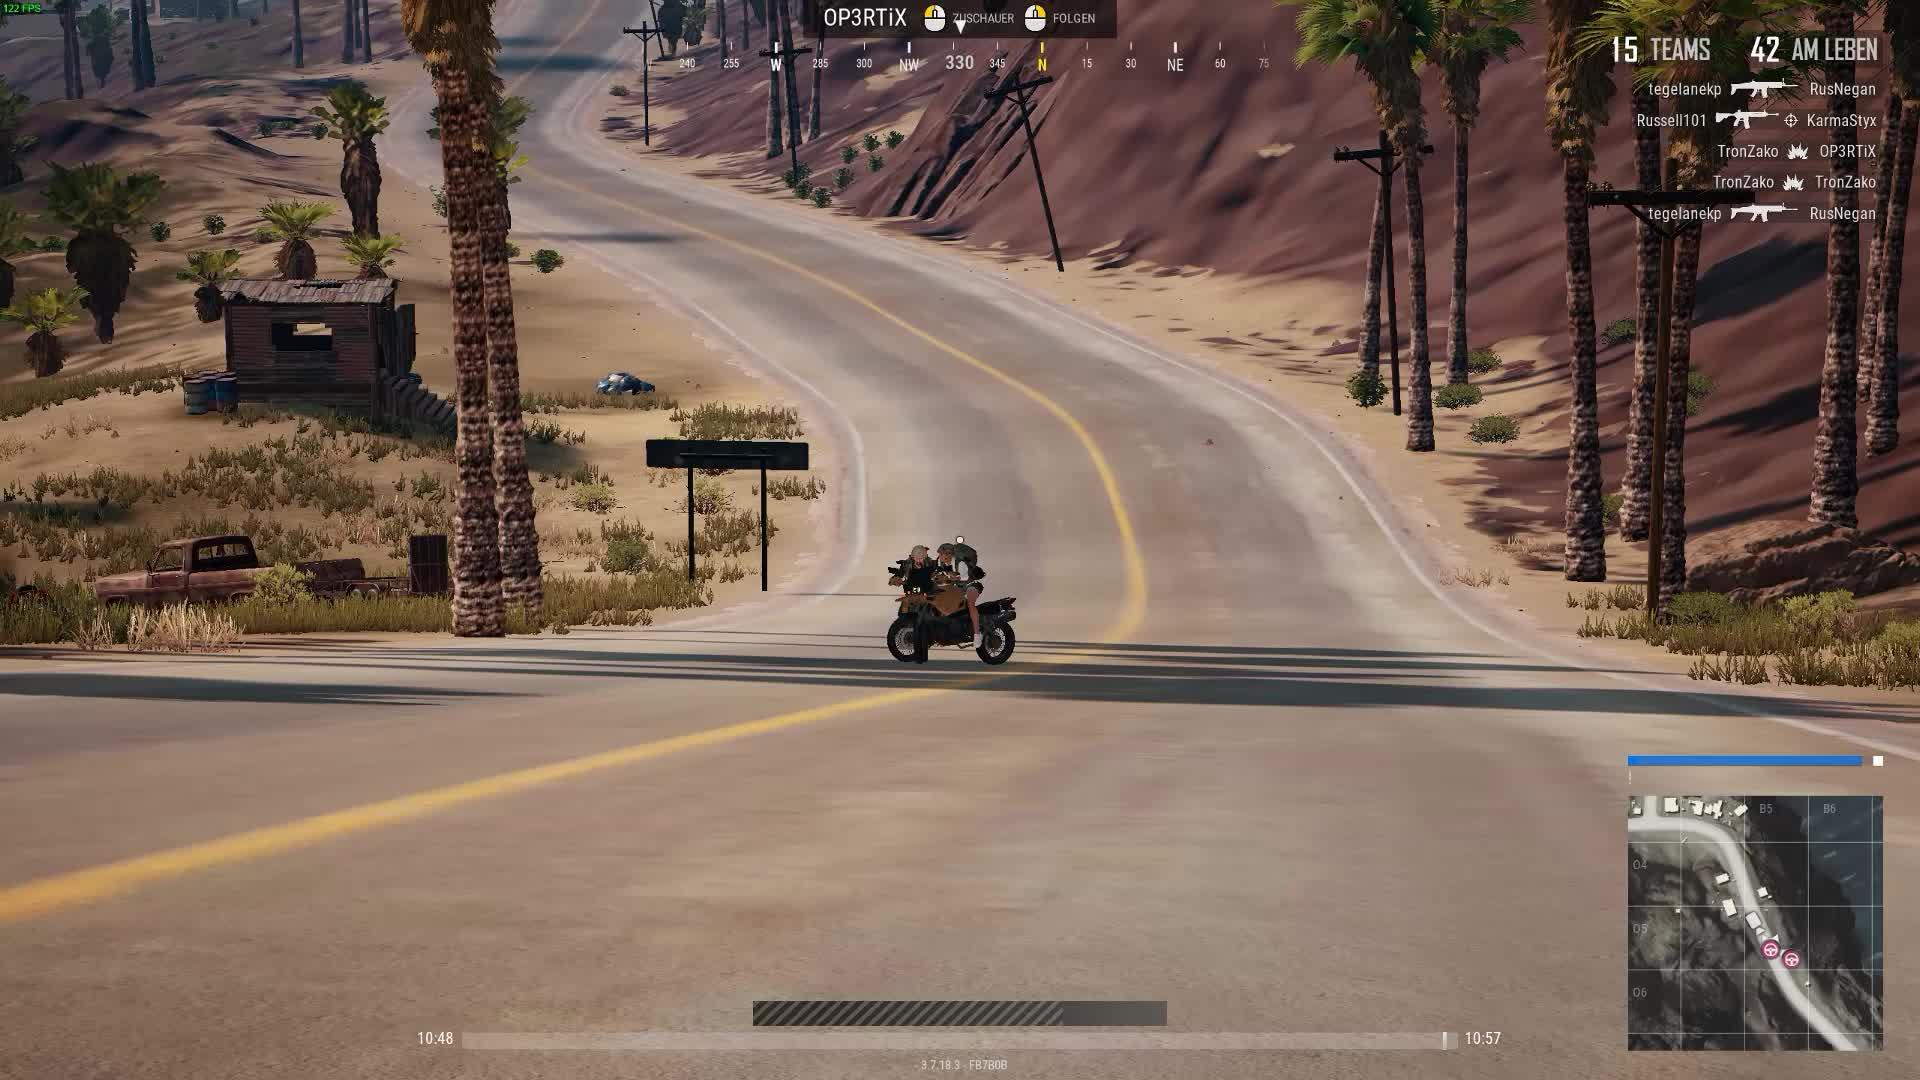 Motorrad GIFs